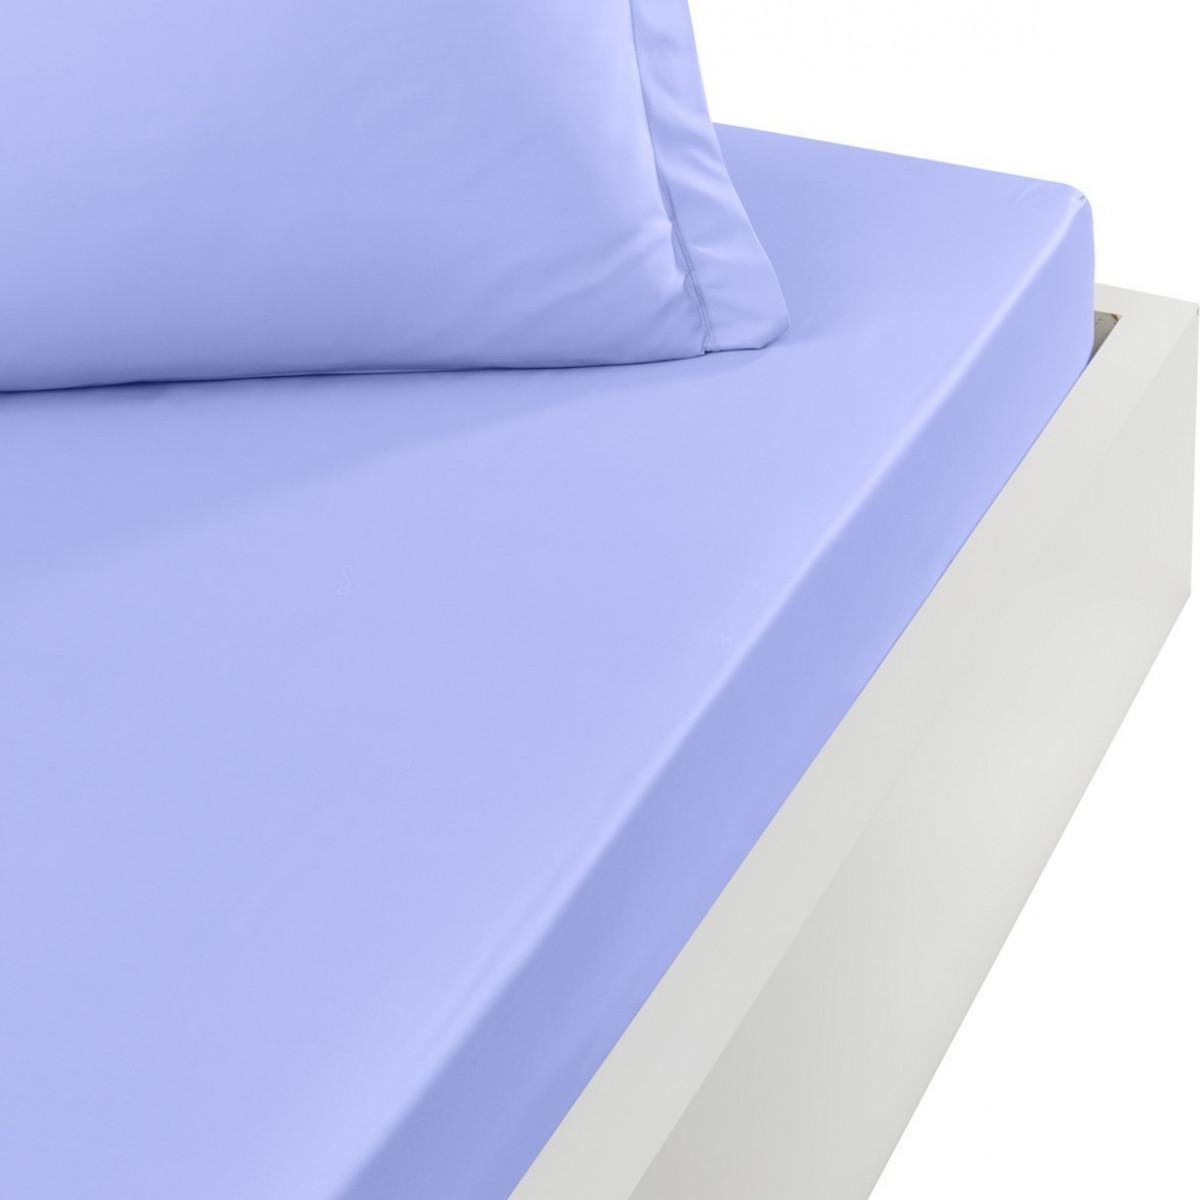 Drap housse en percale de coton bon Azur 180x200 cm